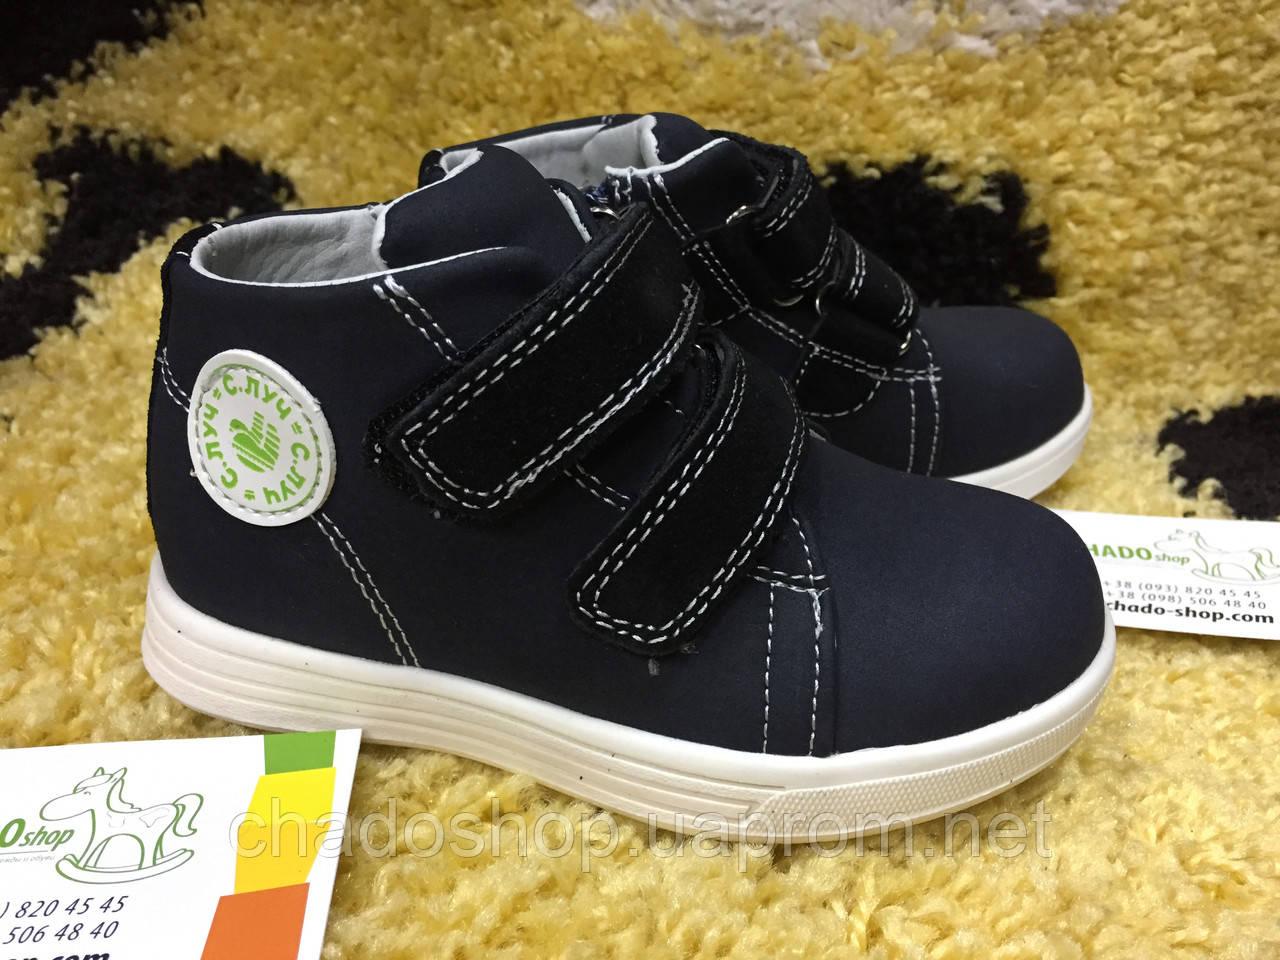 e54d21736 Детские ботиночки на мальчика 26-31 - Интернет - магазин детской одежды и  обуви